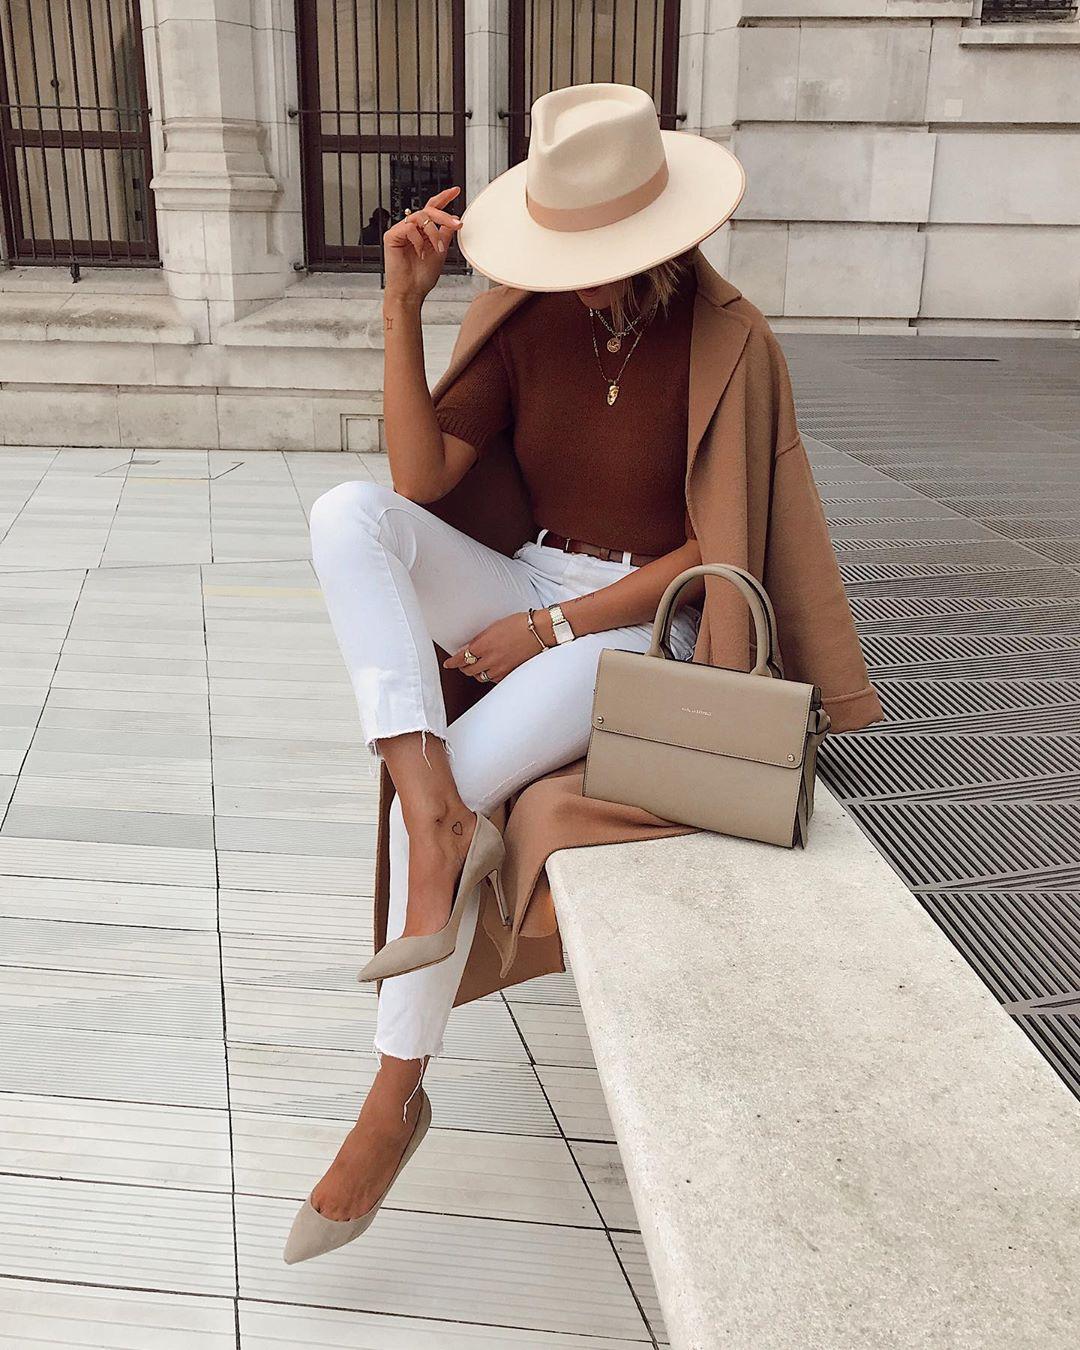 Элегантные образы от модного блогера Жюстин фото4